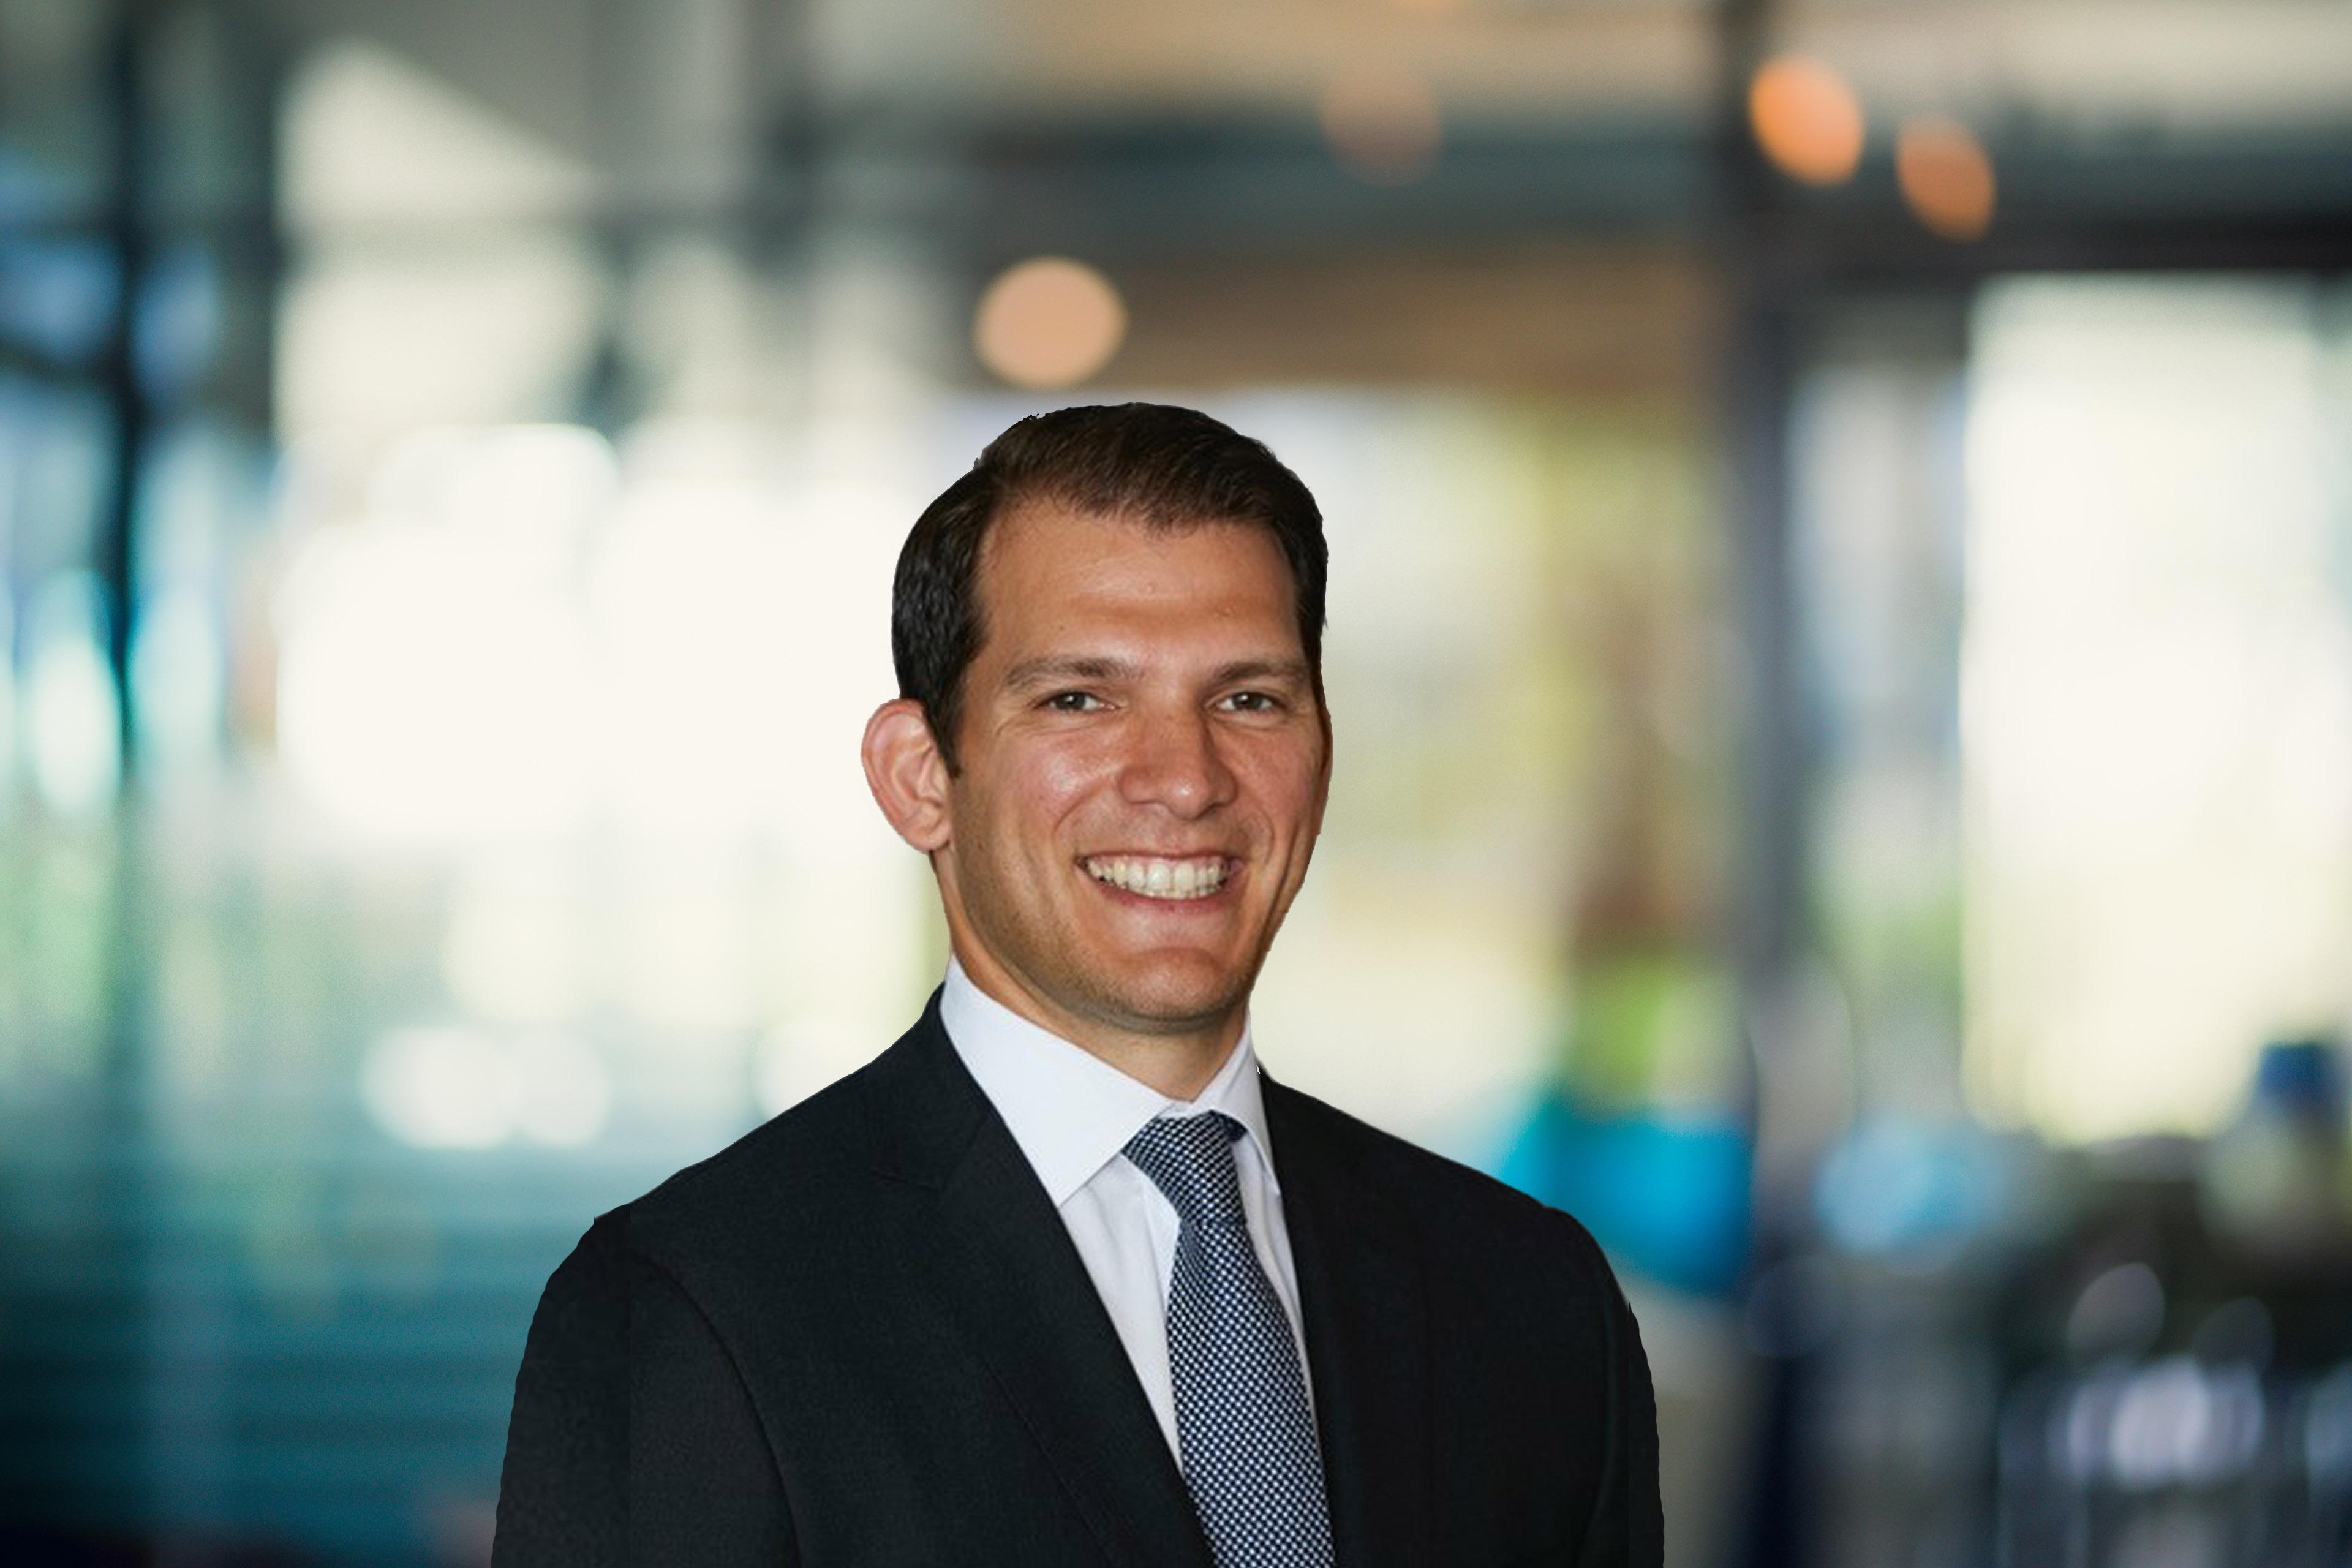 Russ Farscht, The Carlyle Group